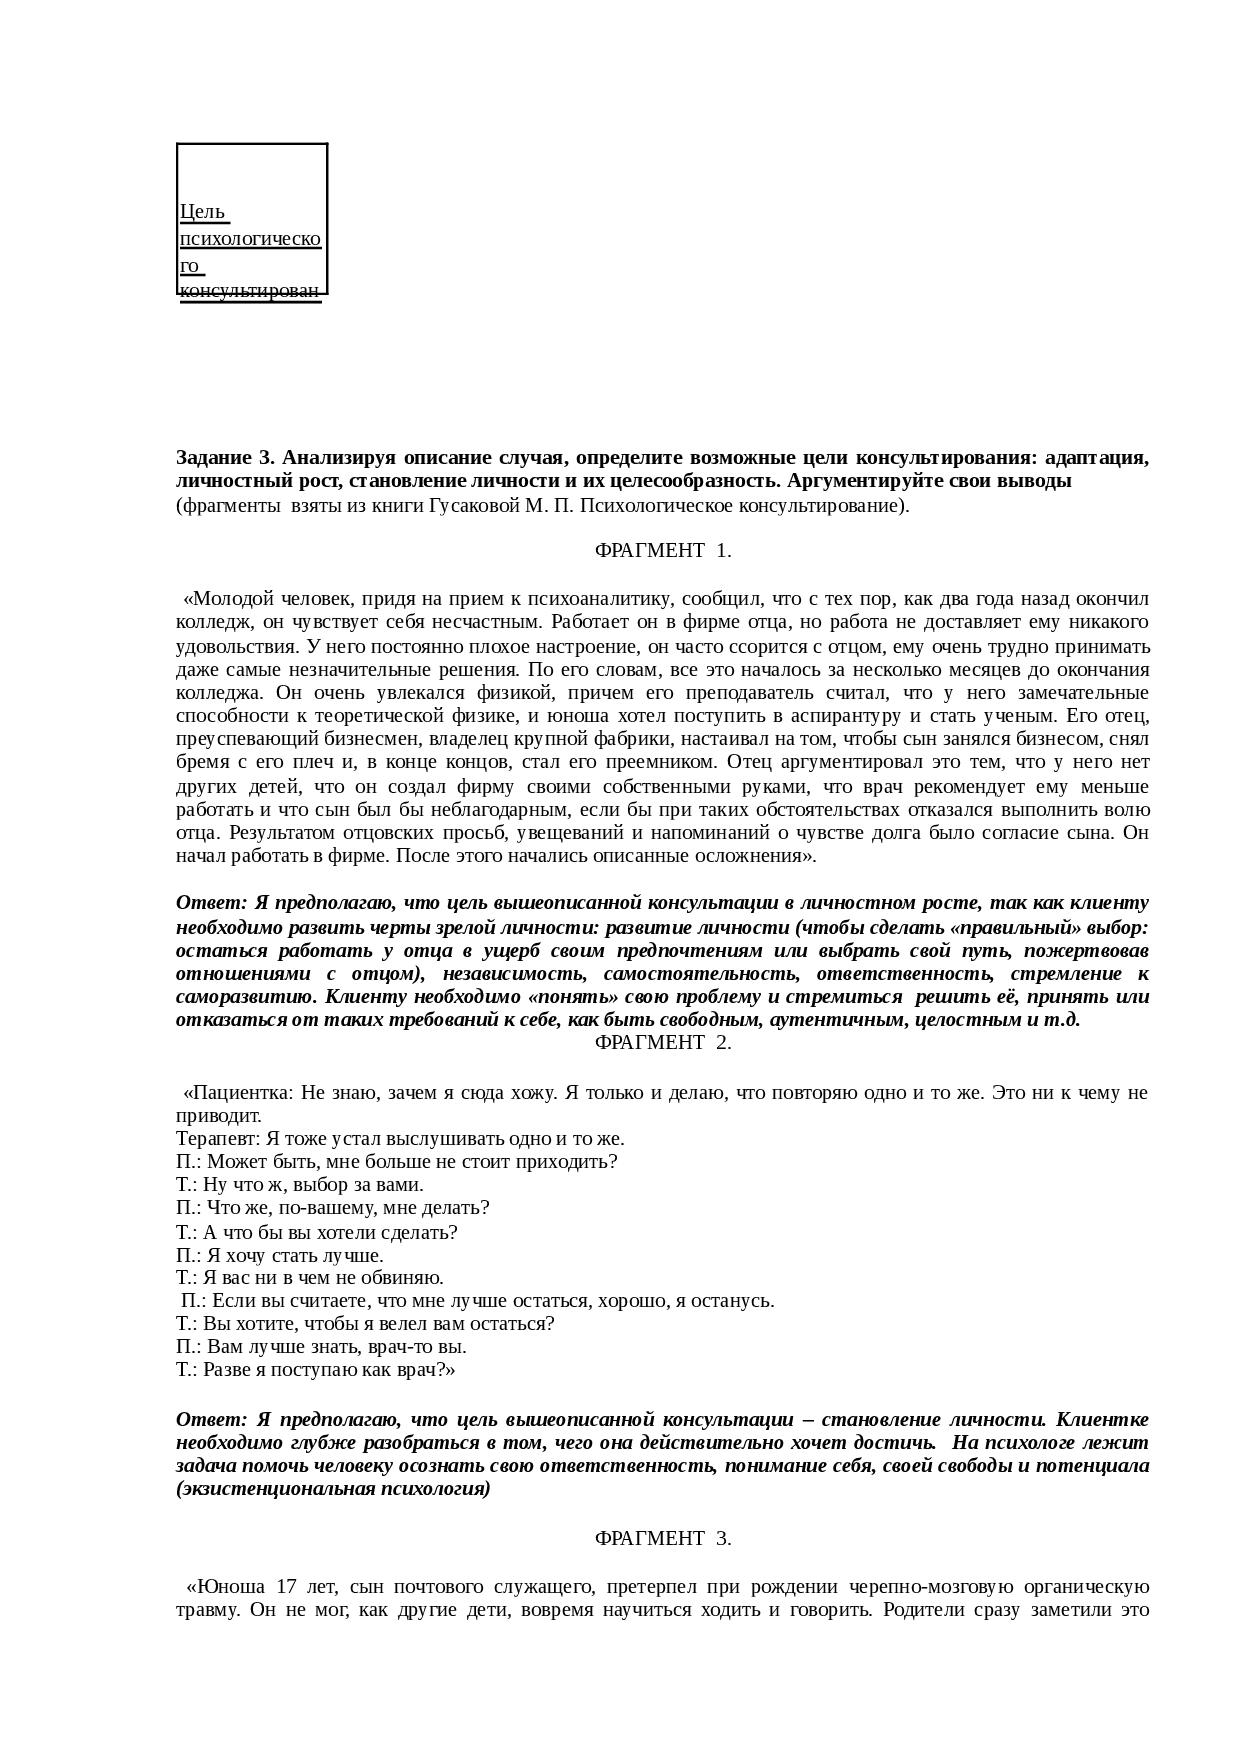 Психология: конфронтация в школе - бесплатные статьи по психологии в доме солнца